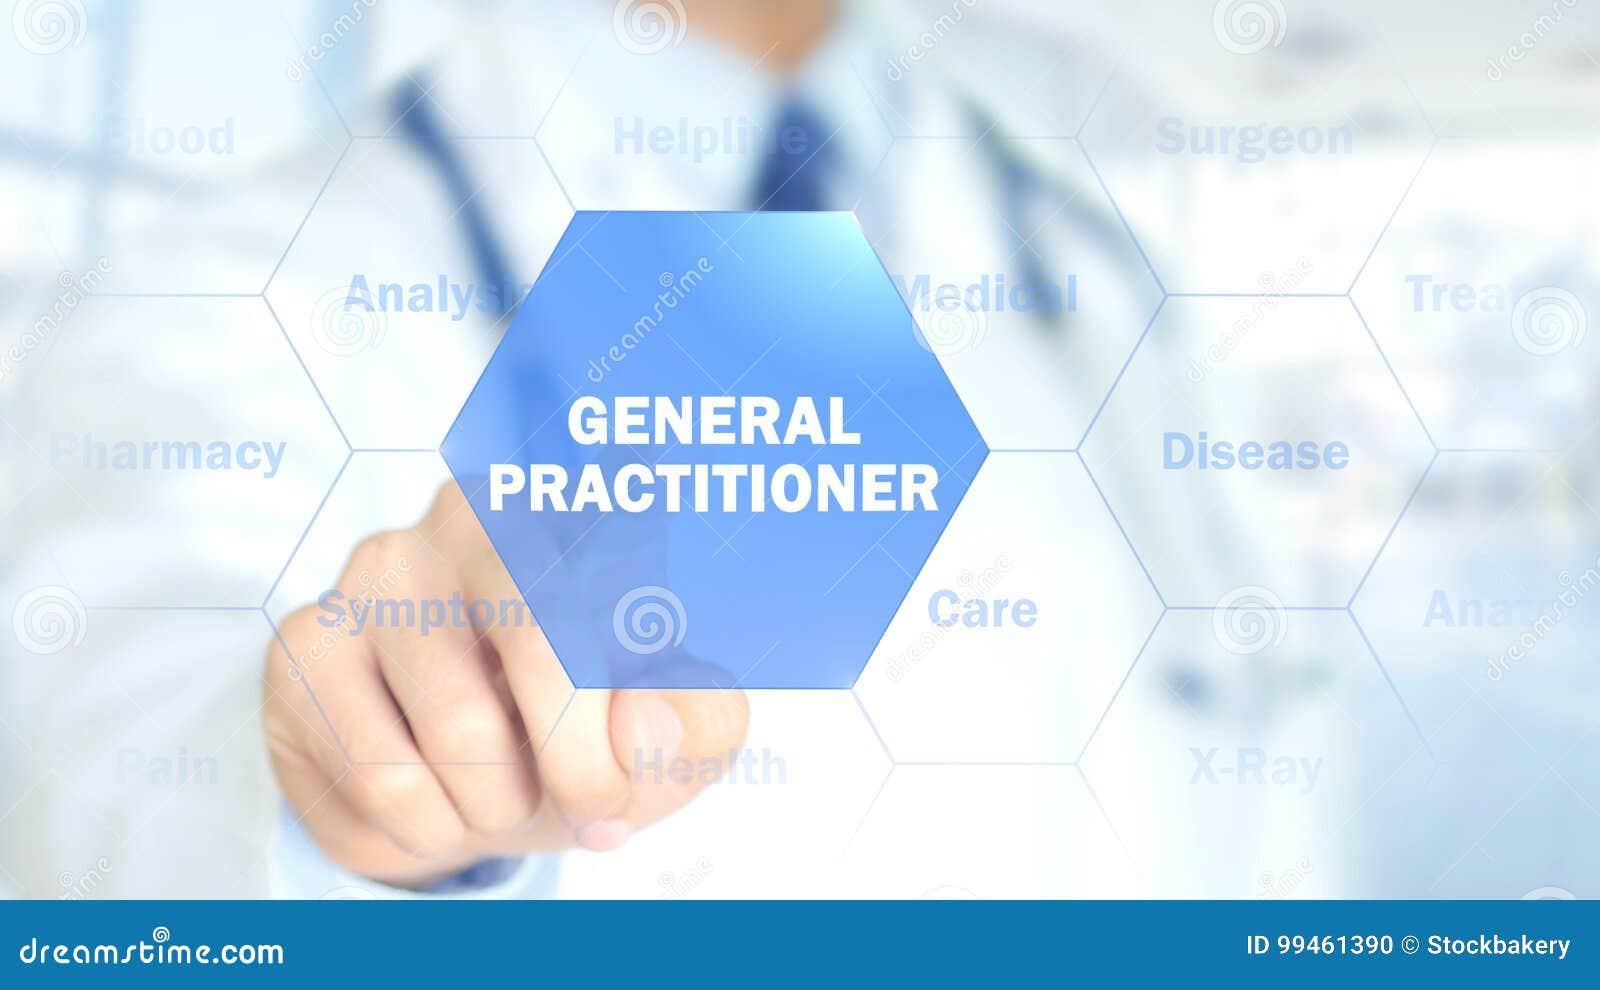 Ιατρός παθολόγος, γιατρός που εργάζεται στην ολογραφική διεπαφή, γραφική παράσταση κινήσεων